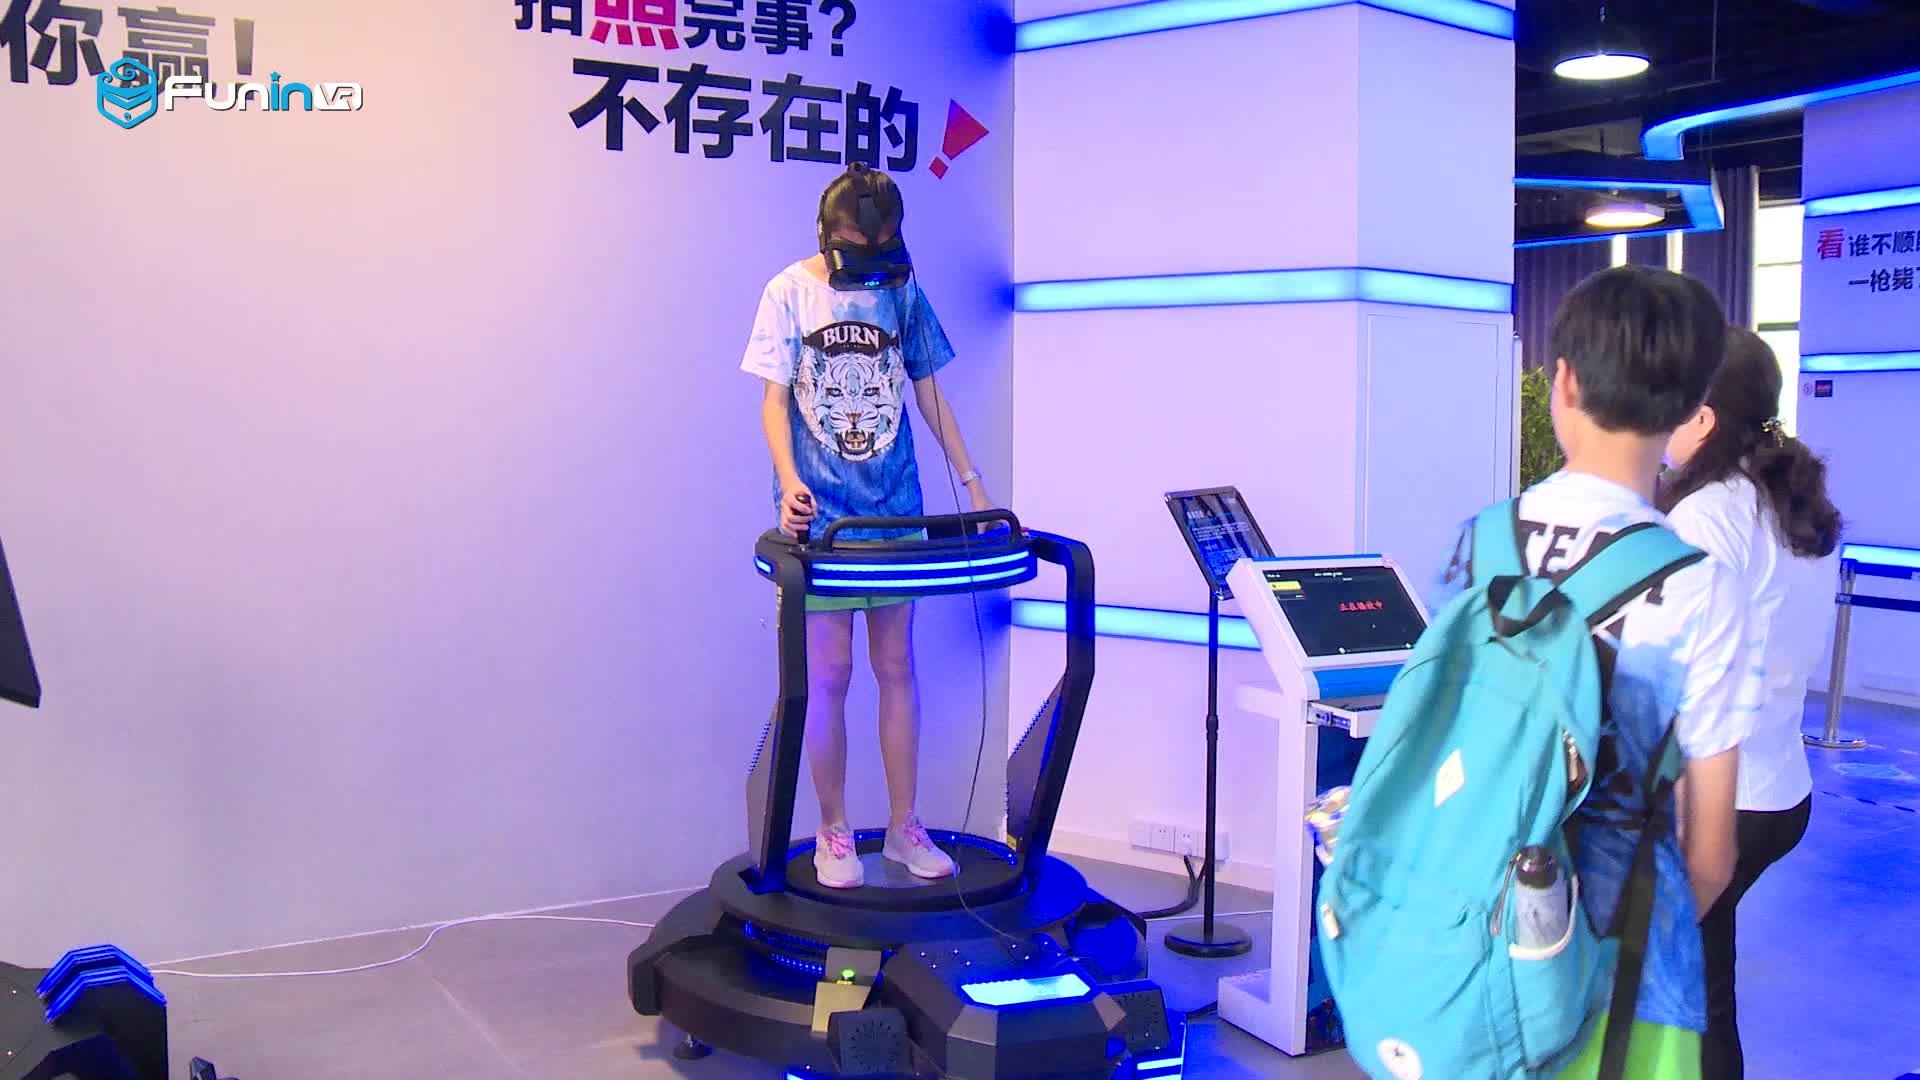 2019 напрямую с фабрики питания виртуальной реальности Аркада машина Вибрационный VR симулятор